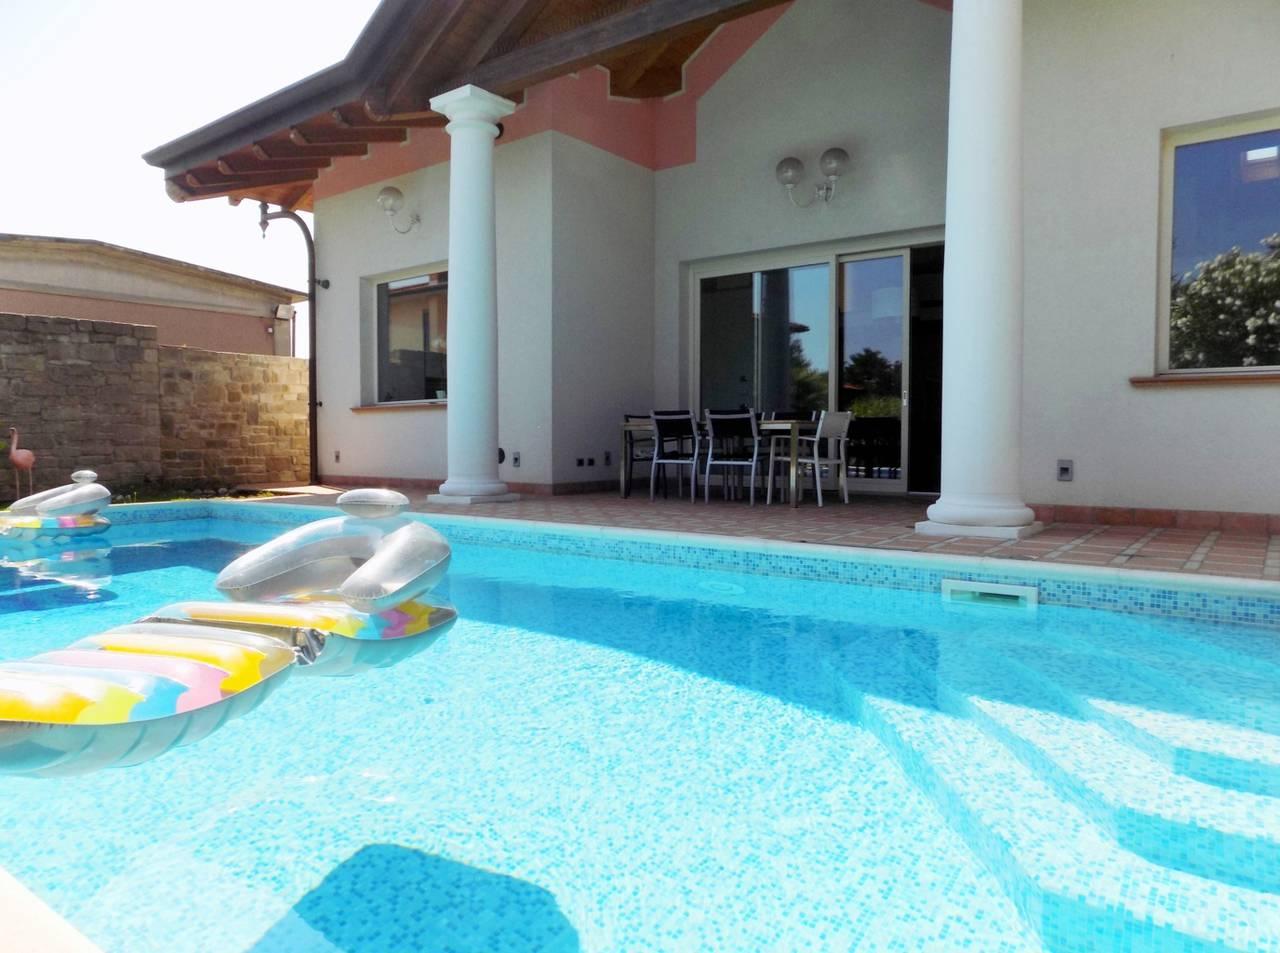 Piscina - Villa con piscina in vendita a Trezzano Rosa - Milano - 3